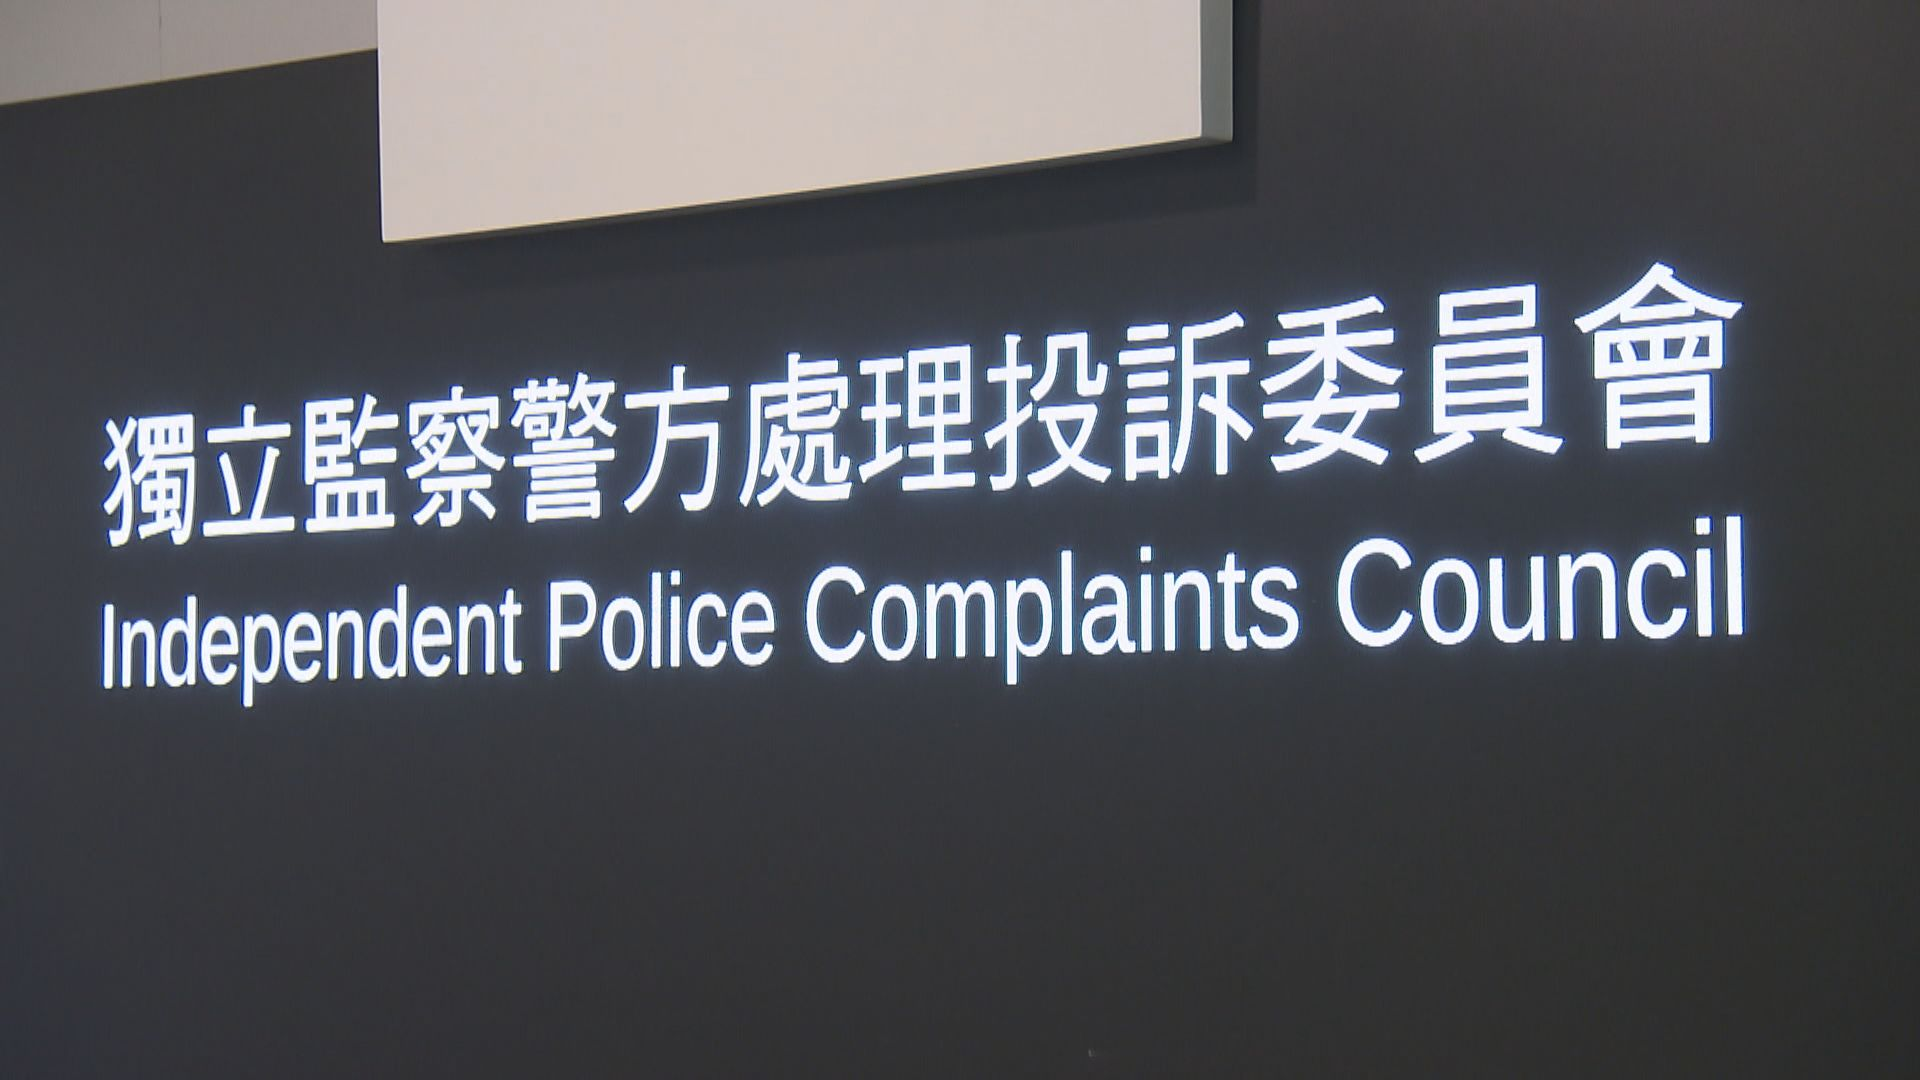 社工指監警會查反修例示威涉越權 司法覆核敗訴